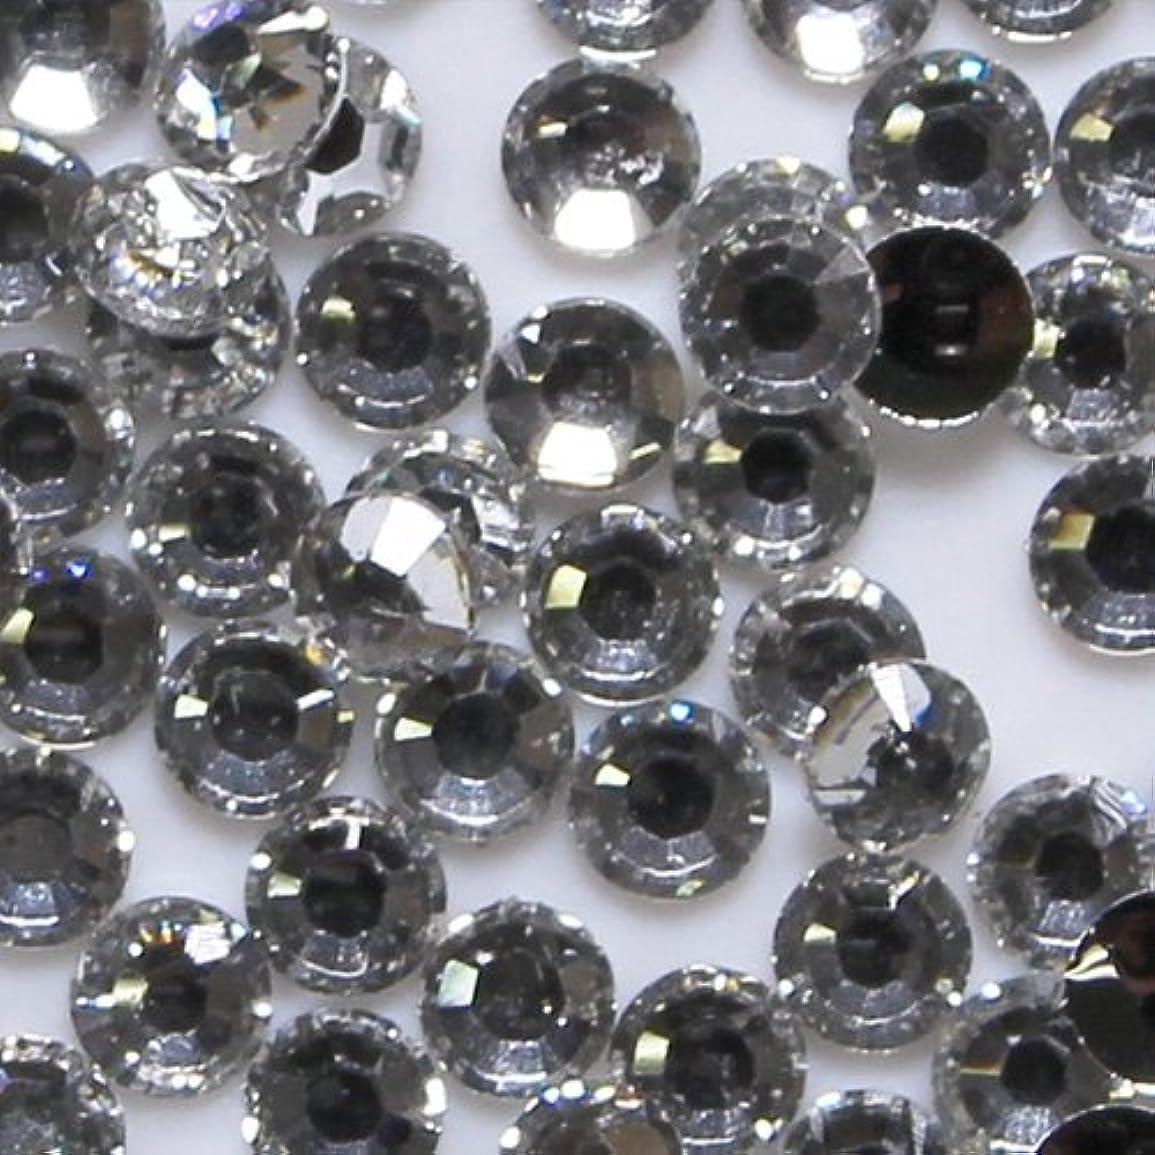 してはいけません普通に会員高品質 アクリルストーン ラインストーン ラウンドフラット 2mm 3mm 4mm 3サイズセット 計1000粒入り ダイヤモンド